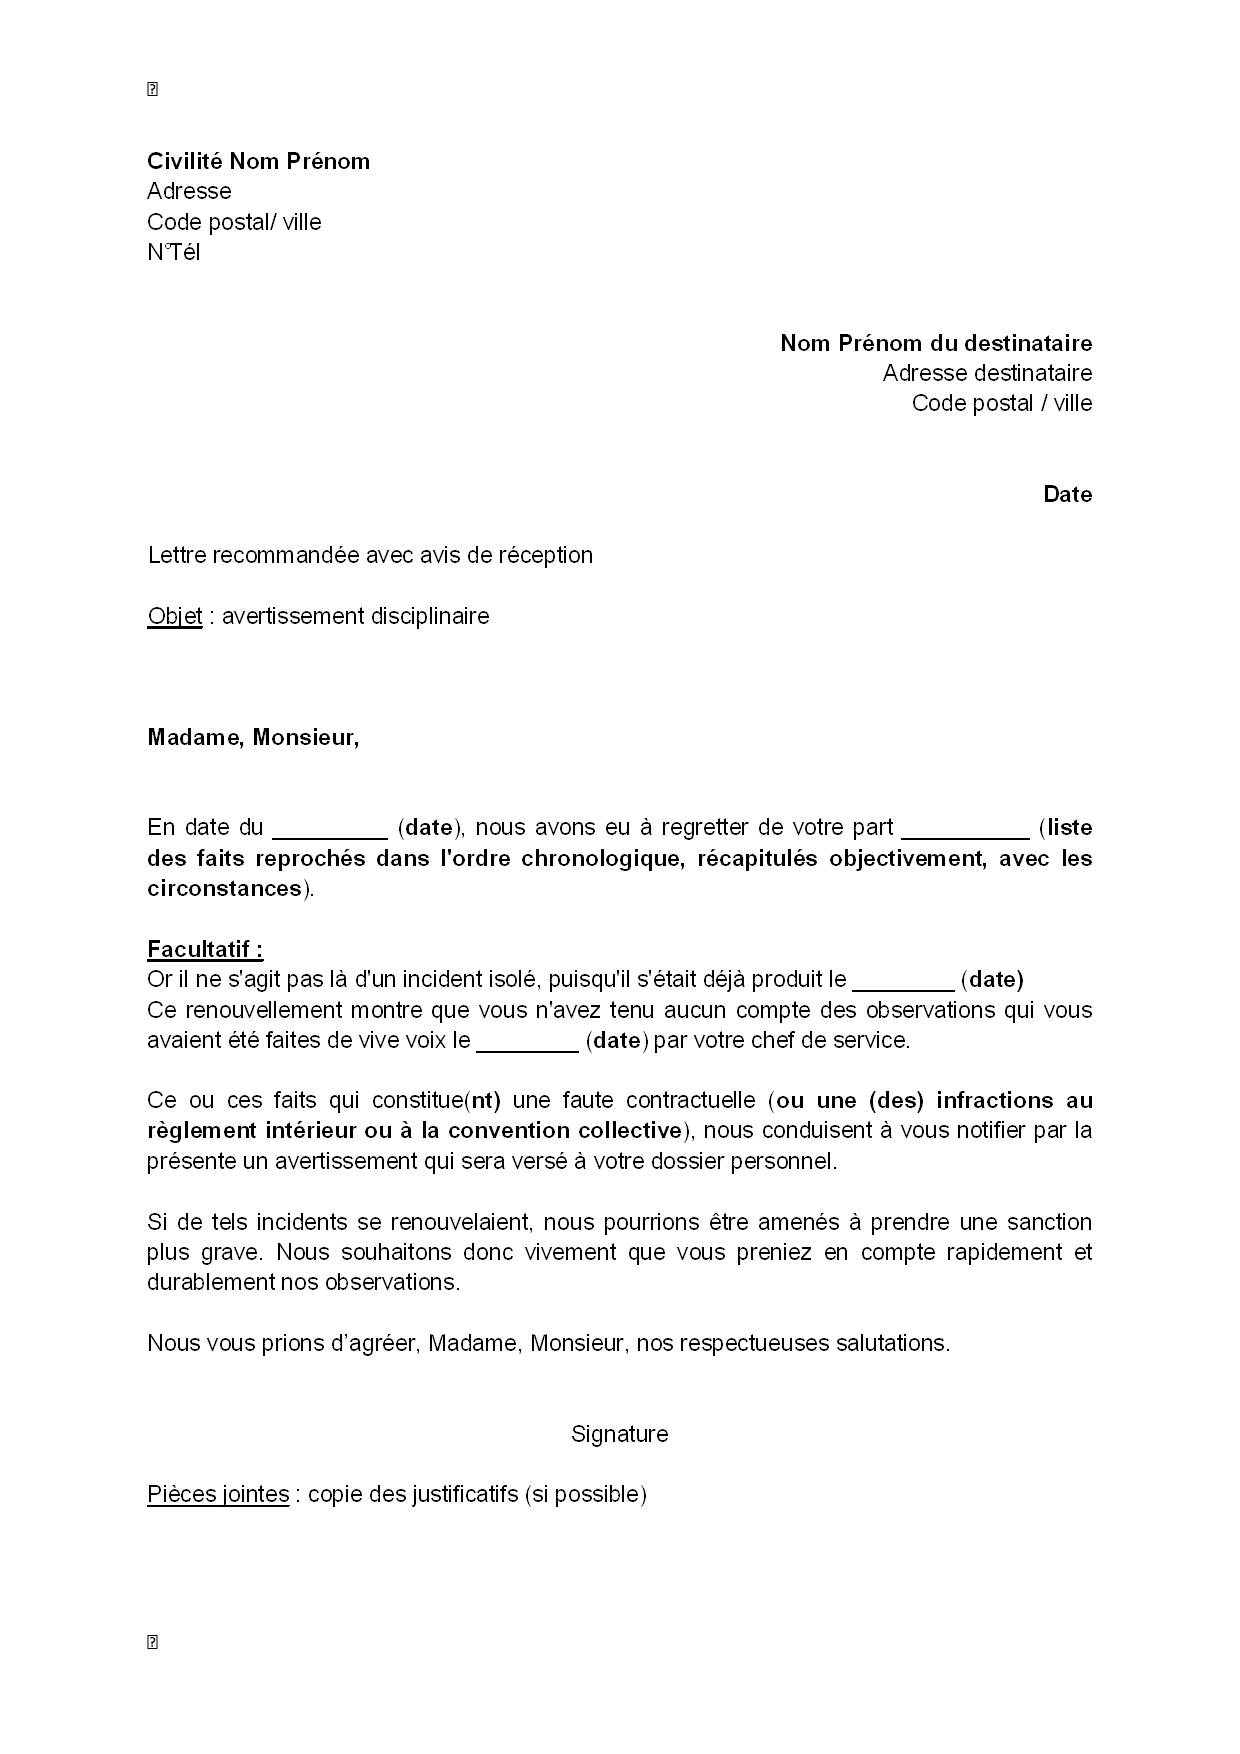 Lettre D Avertissement Disciplinaire Au Salarie Modele De Lettre Gratuit Exemple De Lettre Type Modeles De Lettres Exemple De Lettre Lettre De Motivation